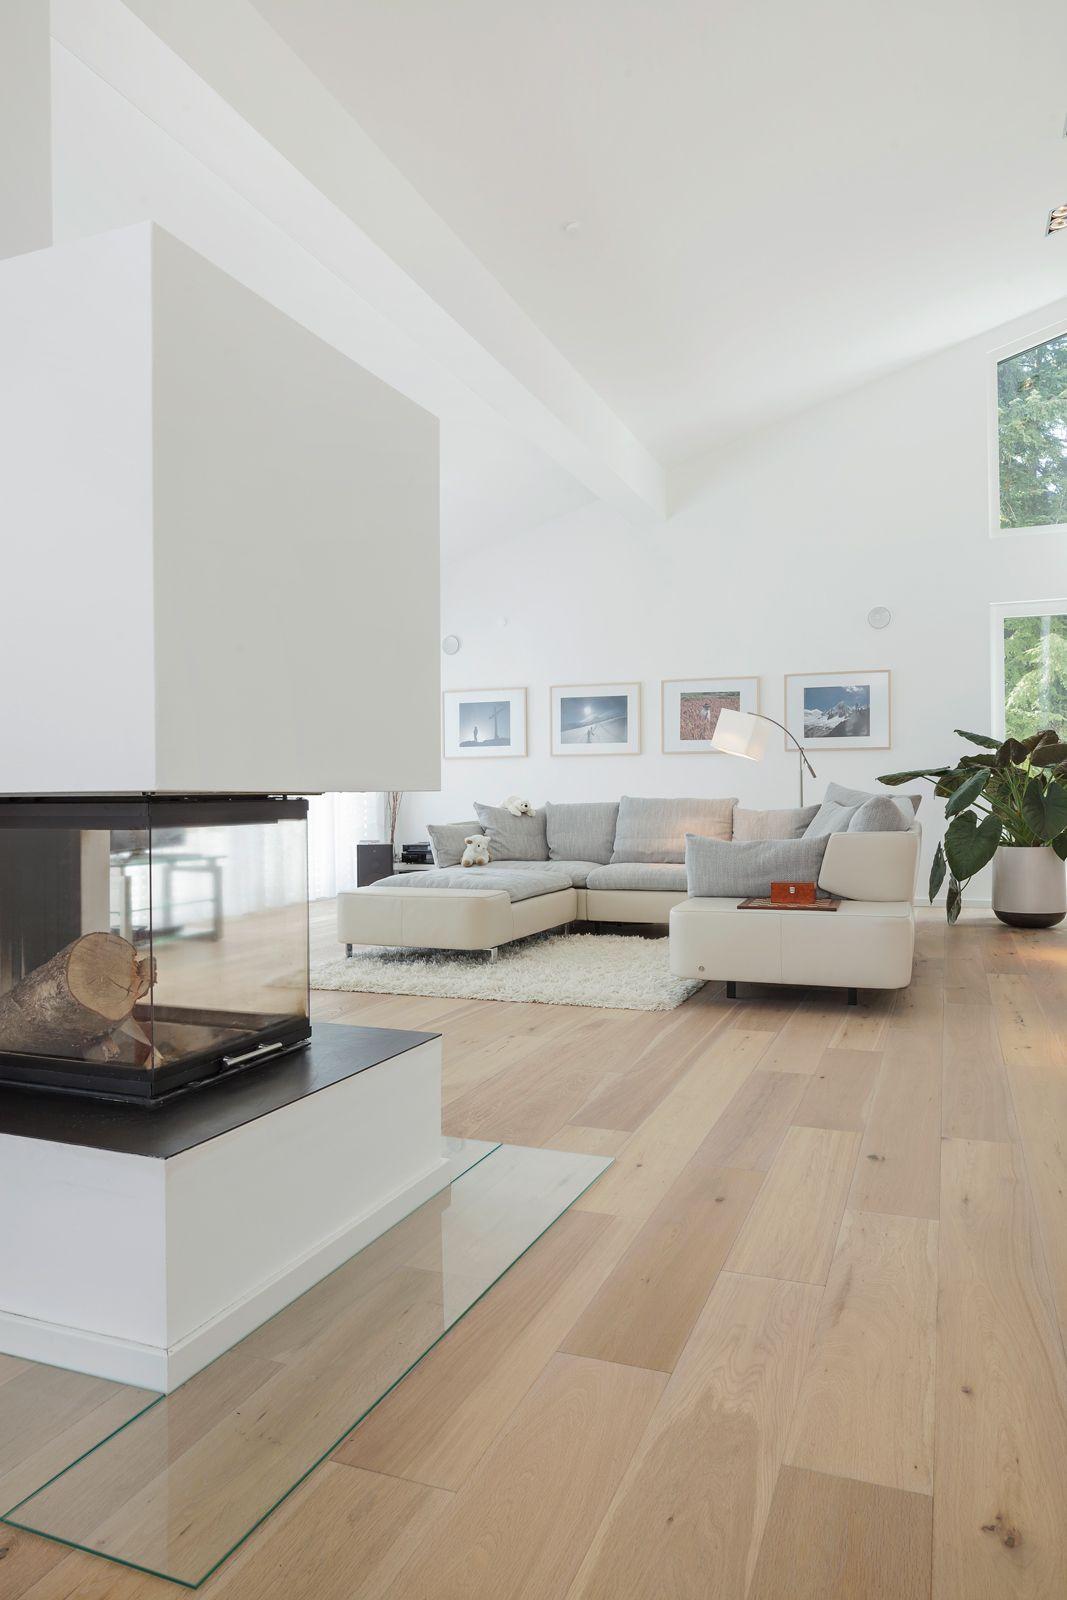 Wohnzimmer des modernen interieurs des hauses kamin mit drei seiten glaseinsicht  iwmh  pins für js  pinterest